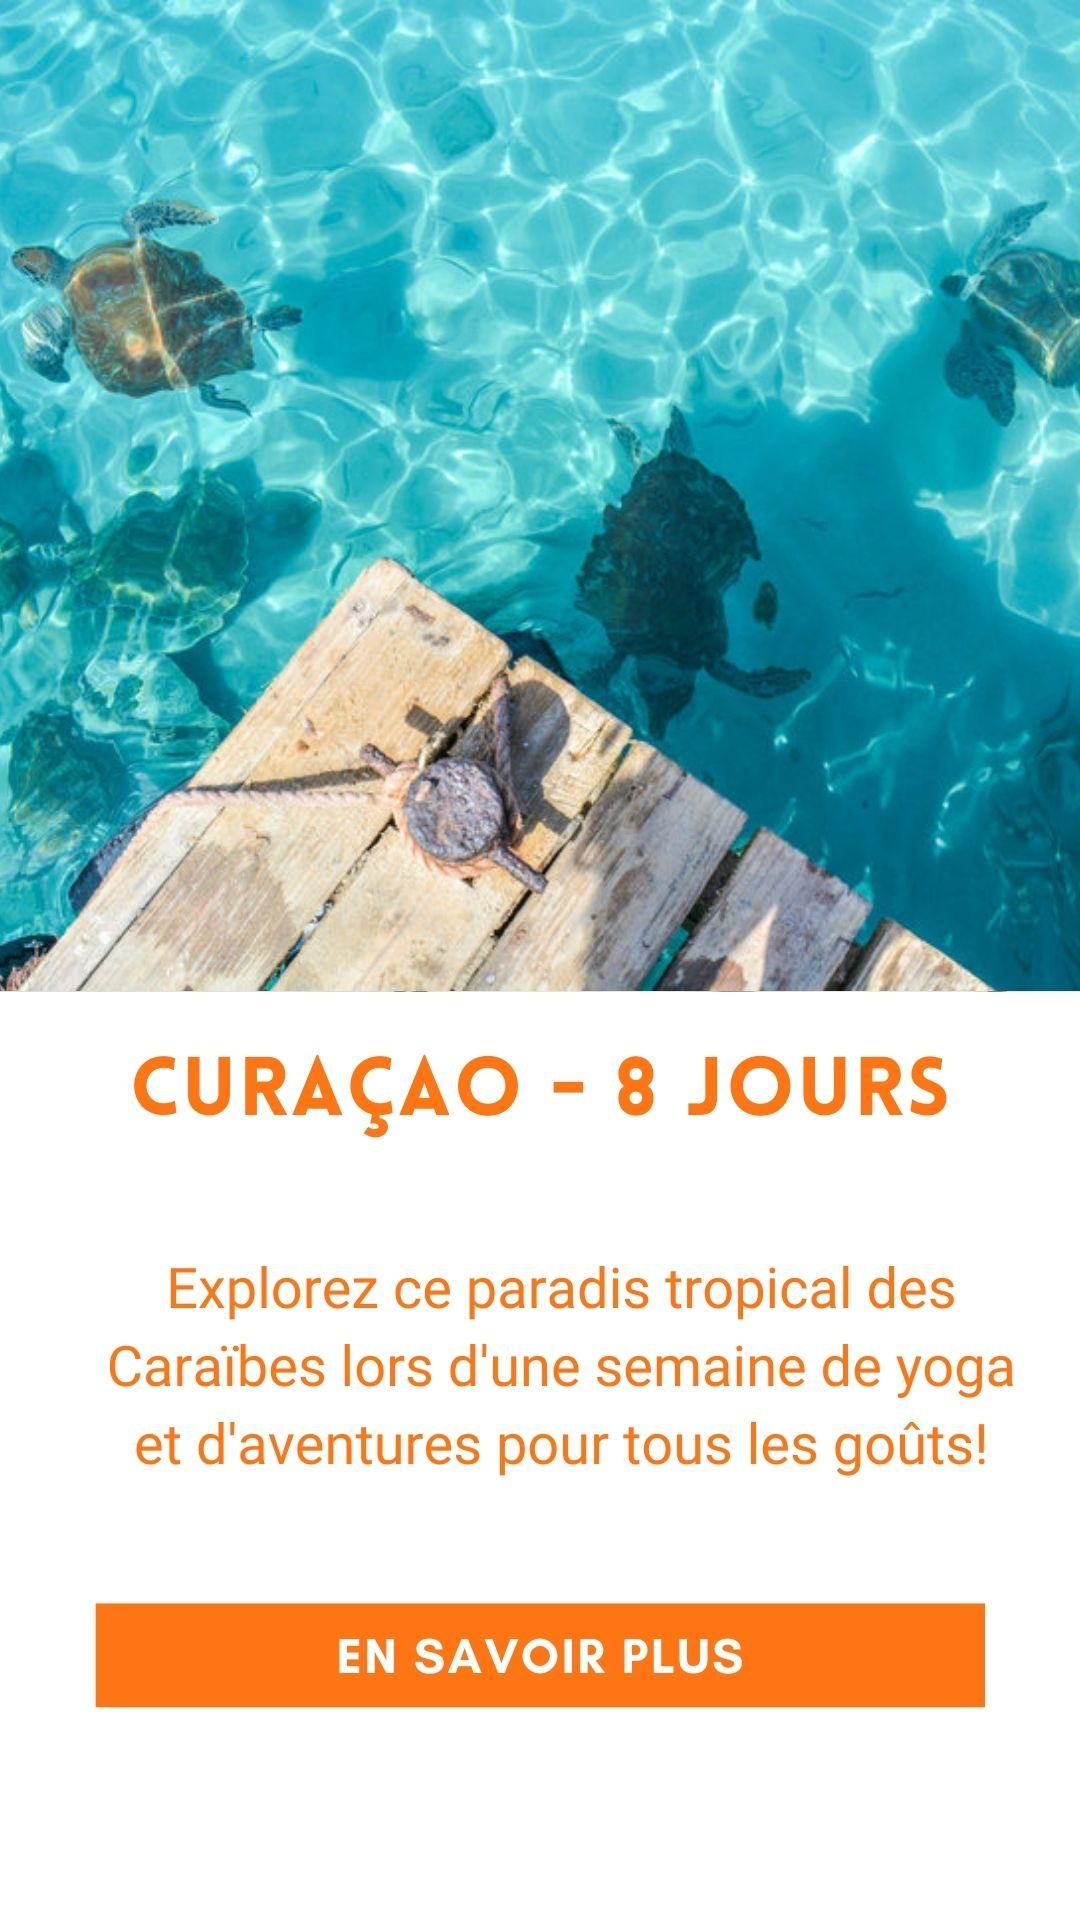 Voyage organisé à Curaçao (retraite de yoga)